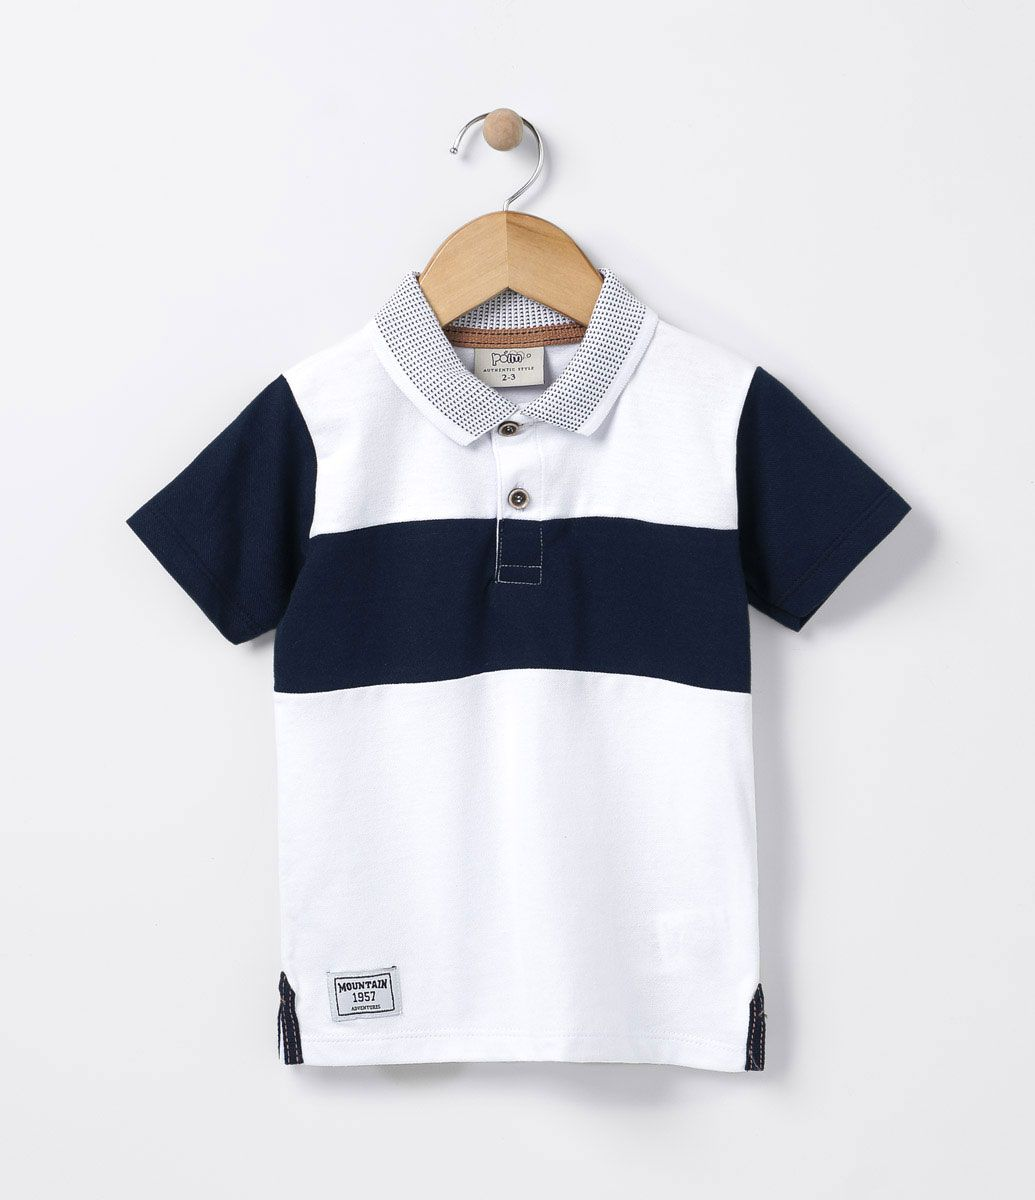 6ffe2843cb Camiseta infantil Manga curta Gola polo Com recorte Marca  Póim Tecido   meia malha COLEÇÃO